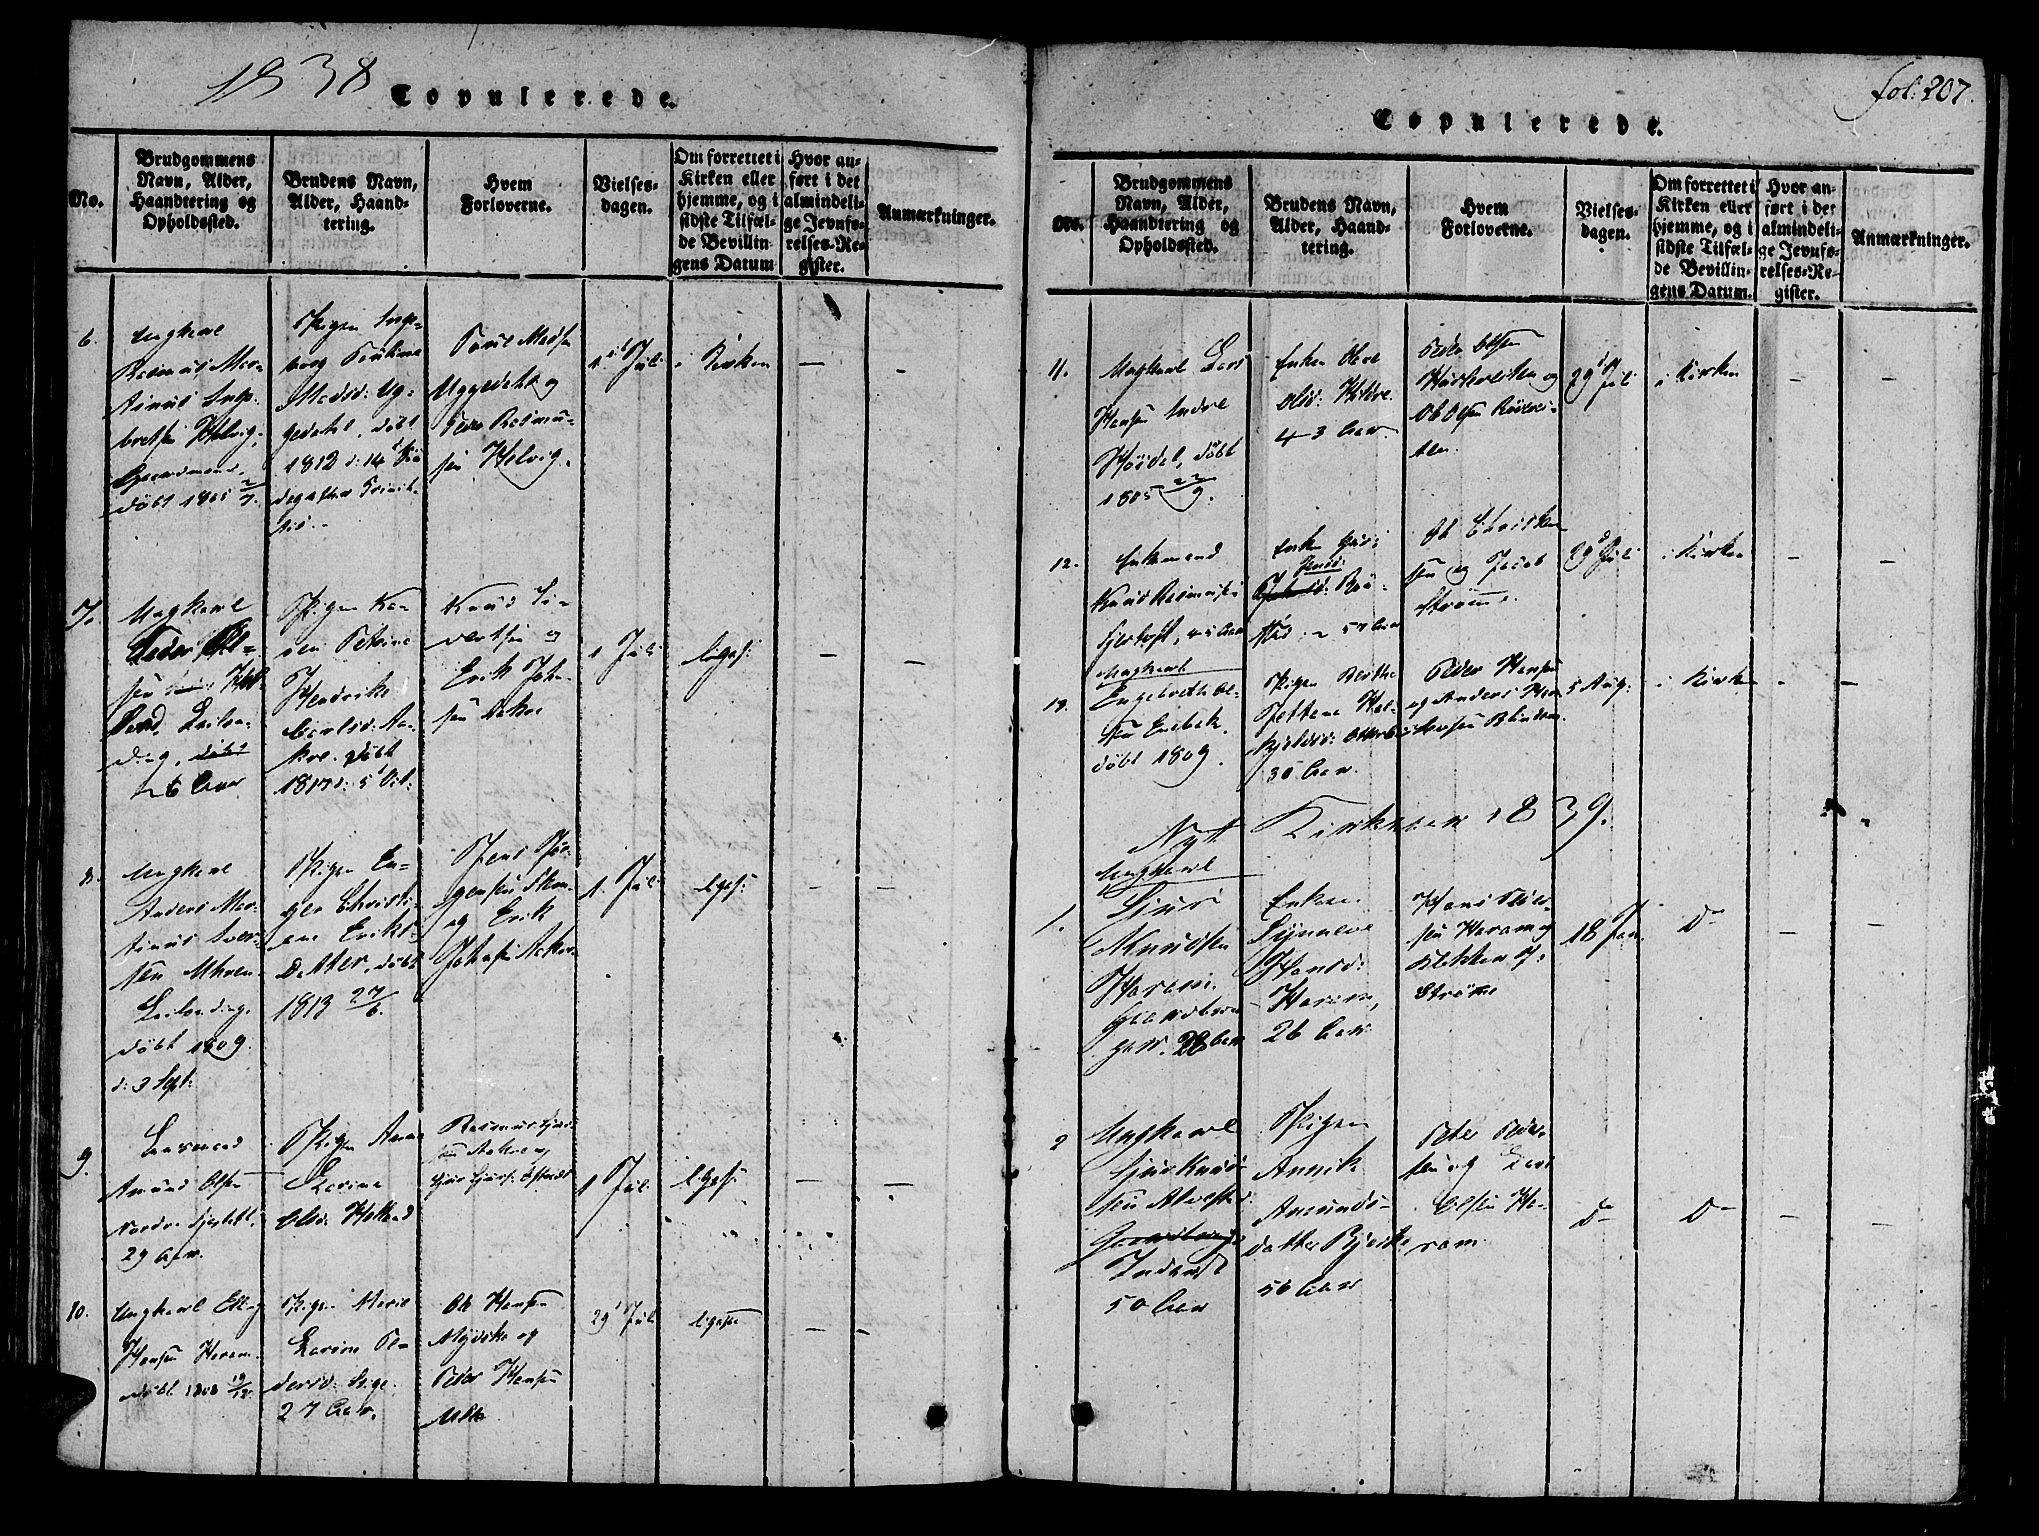 SAT, Ministerialprotokoller, klokkerbøker og fødselsregistre - Møre og Romsdal, 536/L0495: Ministerialbok nr. 536A04, 1818-1847, s. 207